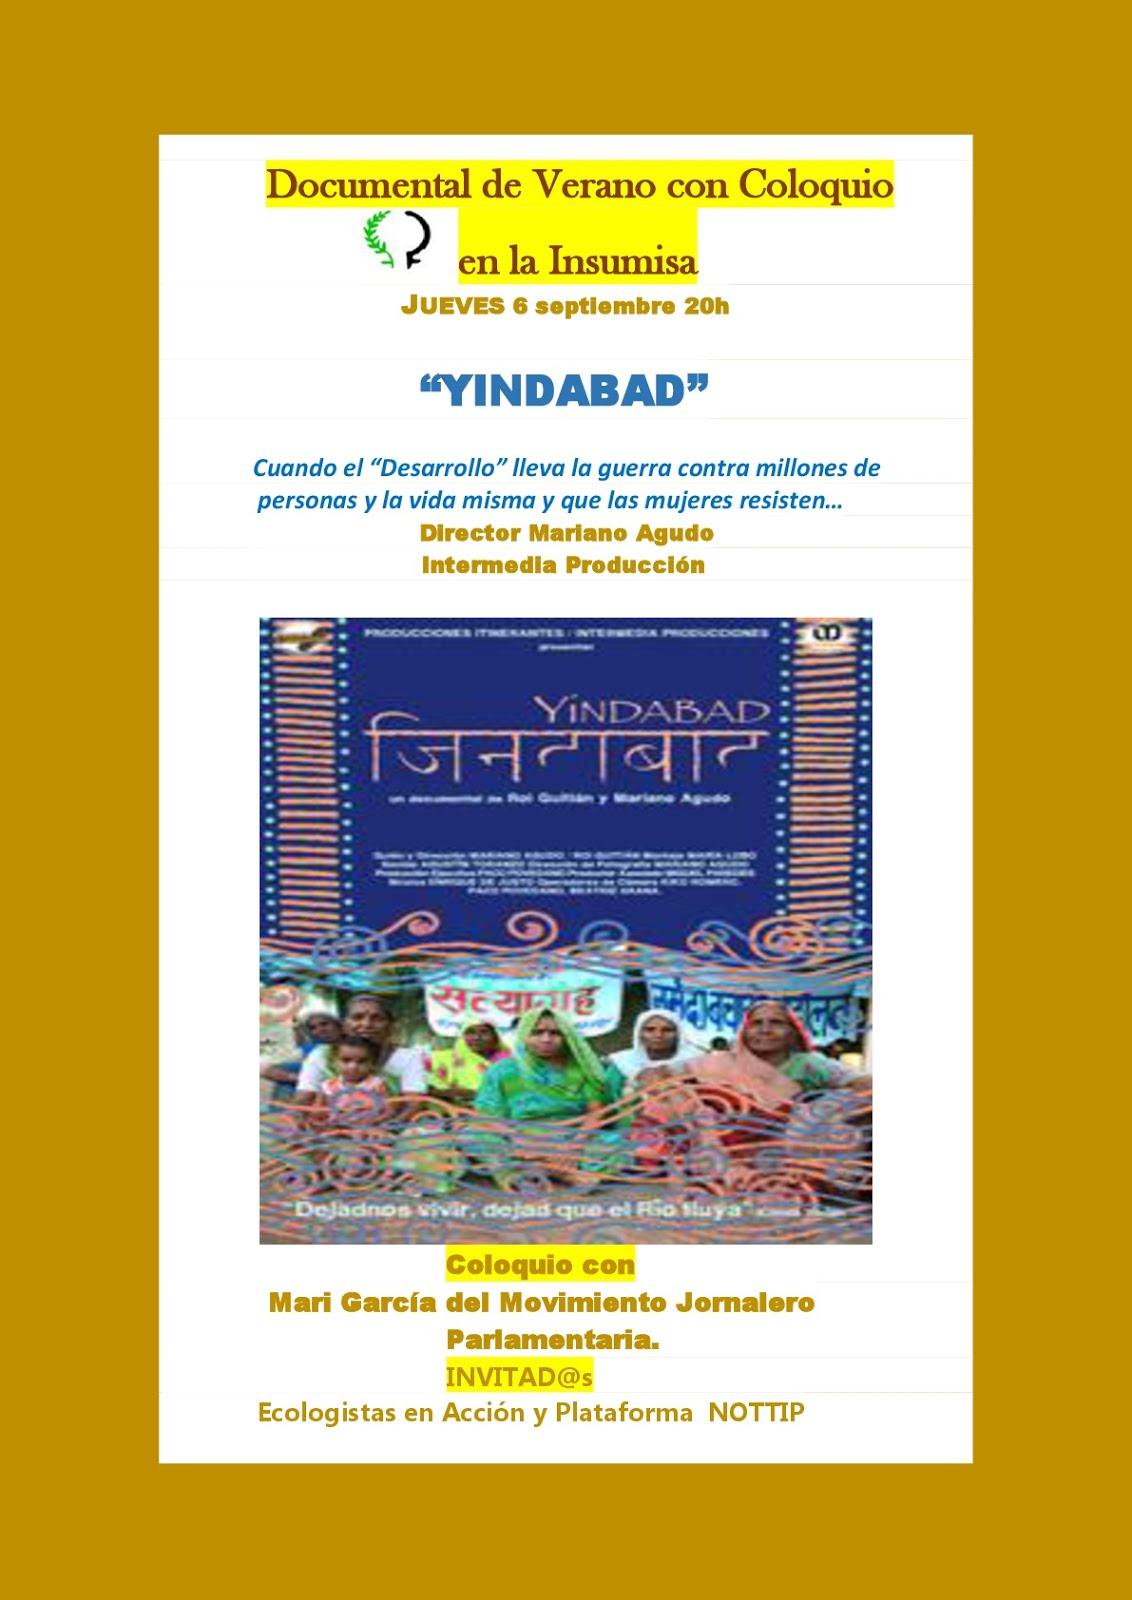 """Documental """"YINDABAD"""" (coloquio).Día Internacional lucha contra la OMC y Tratados de Libre Comercio"""